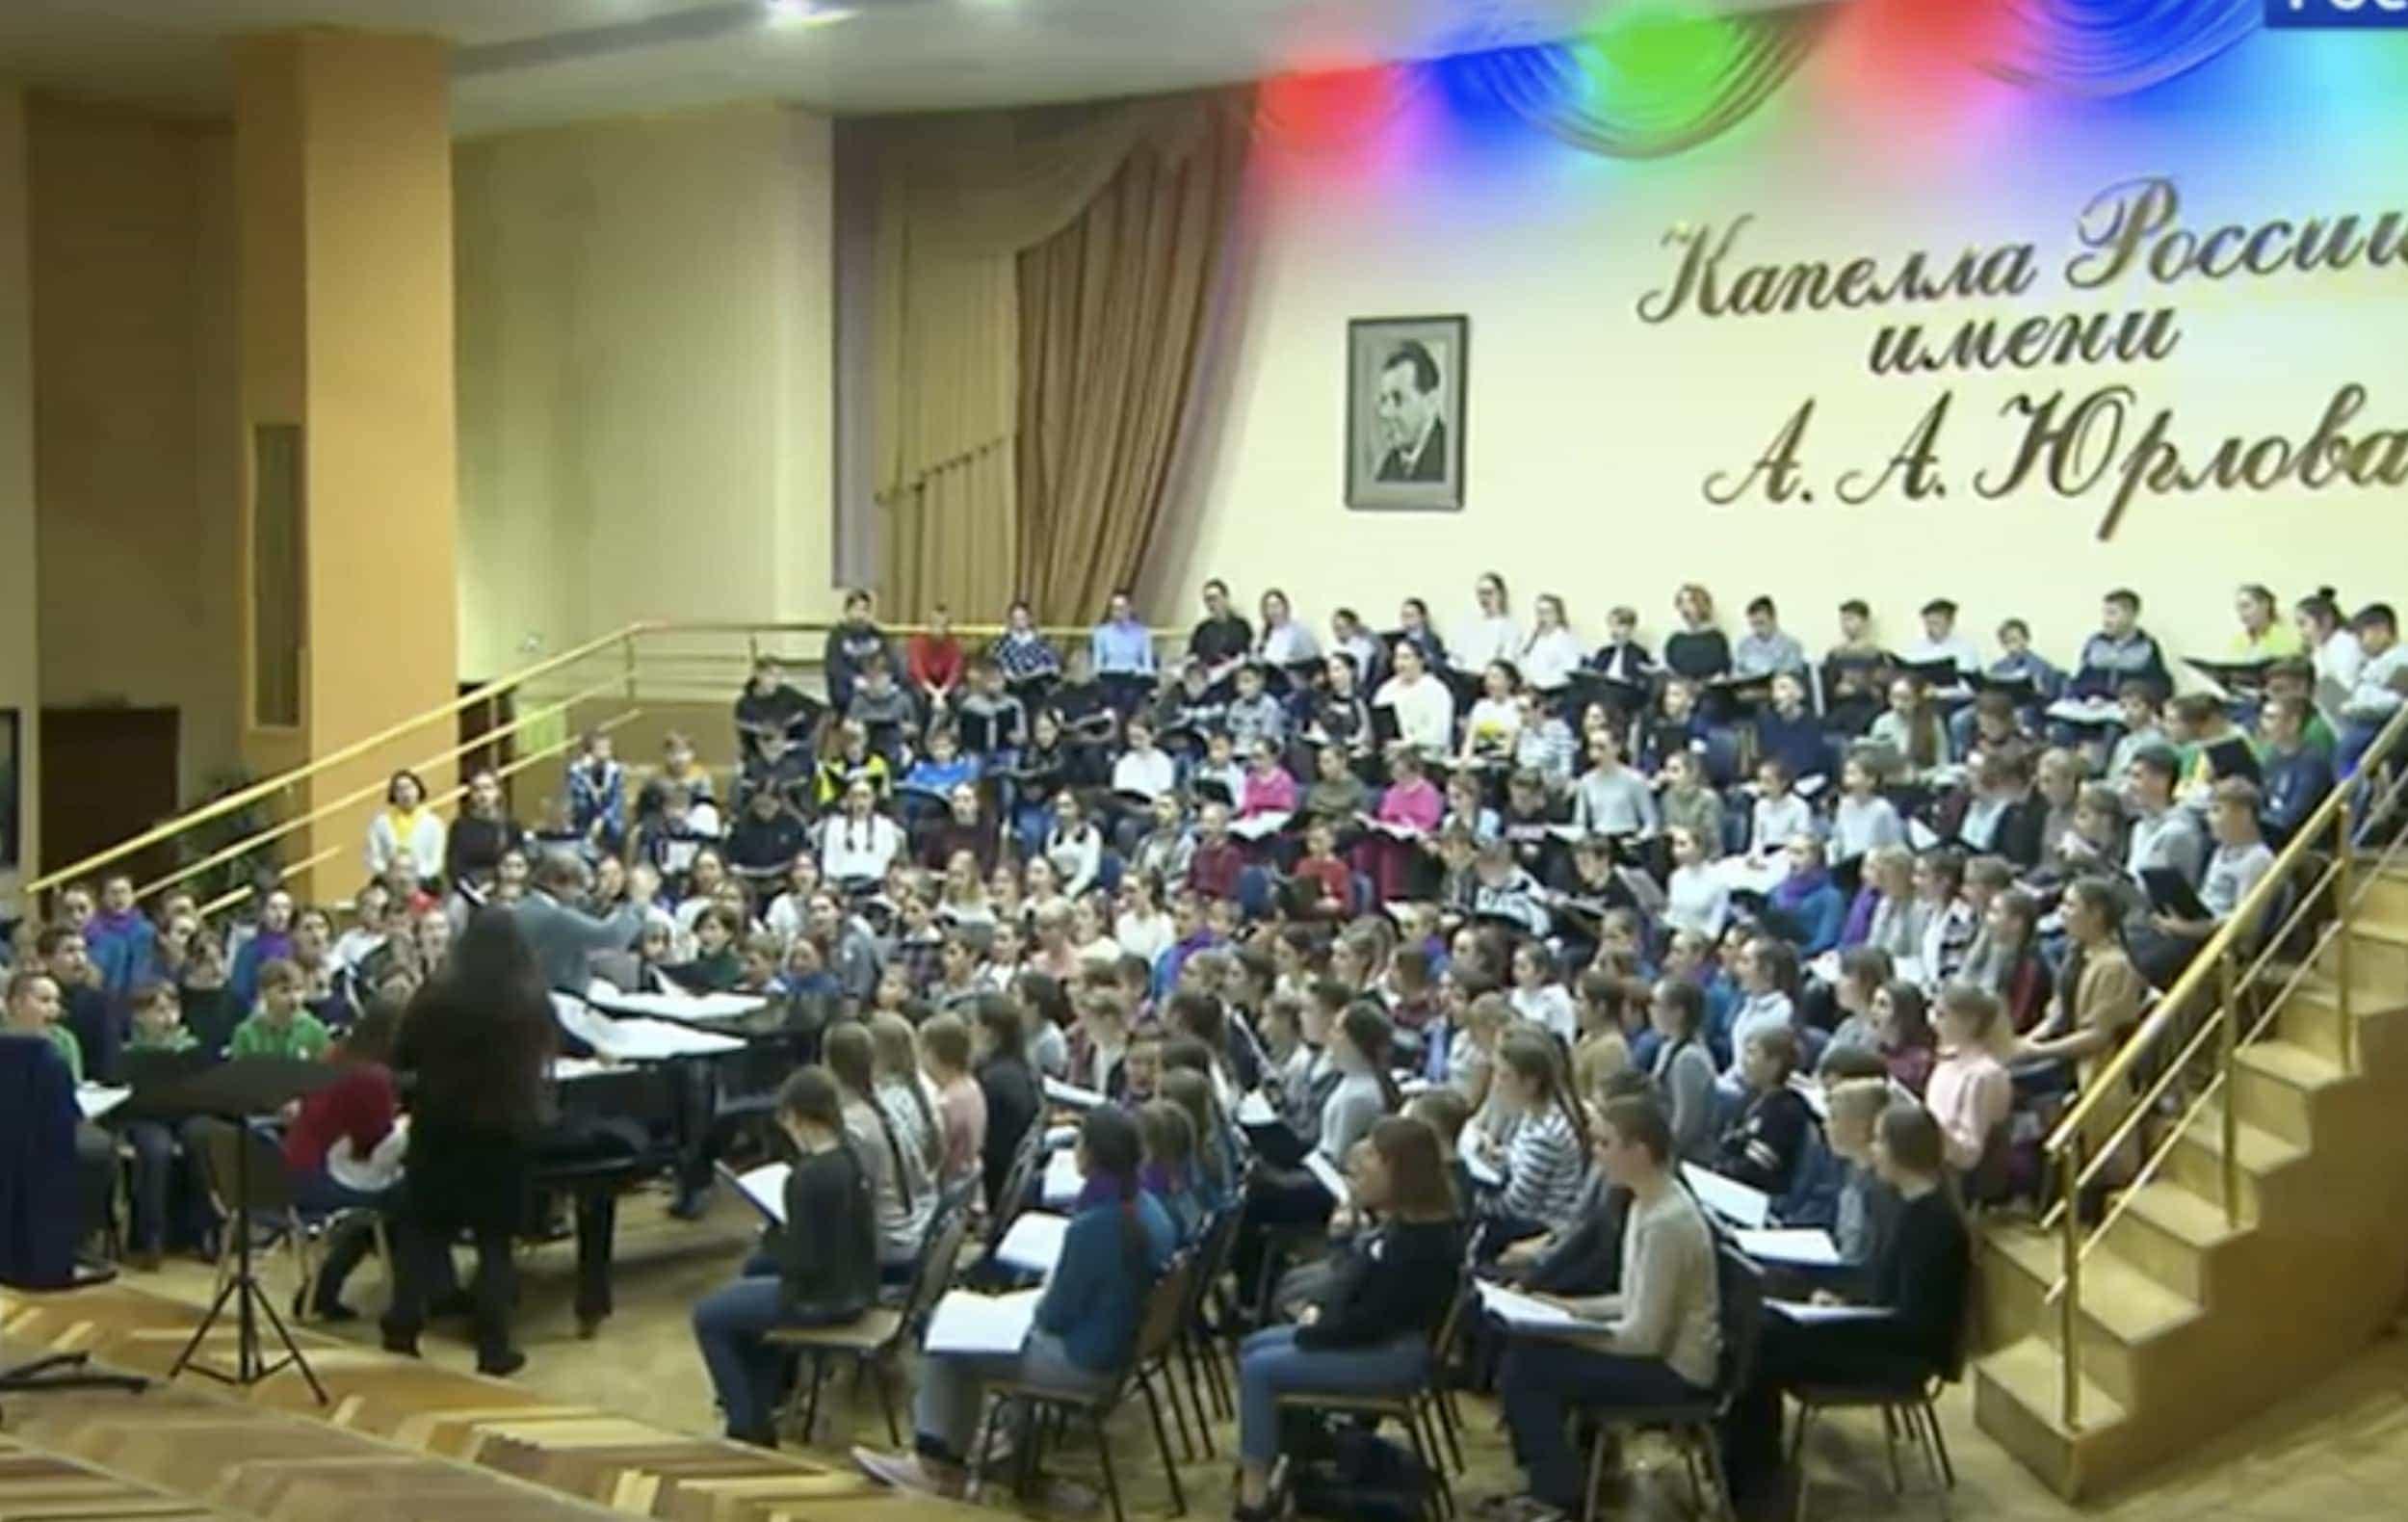 Сводный детский хор России